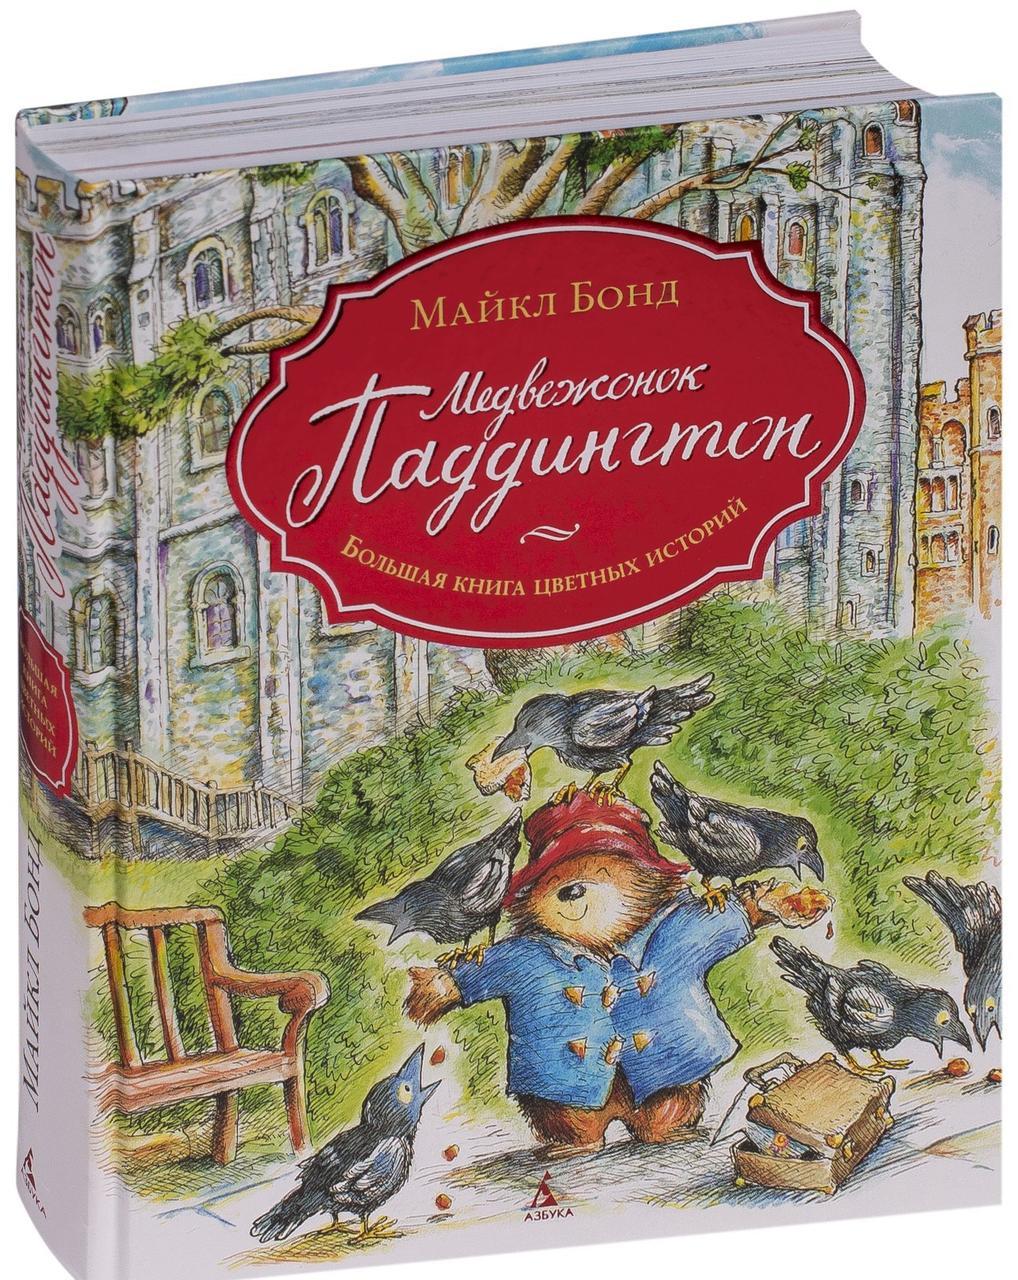 Медвежонок Паддингтон. Большая книга цветных историй. Книга Майкла Бонда